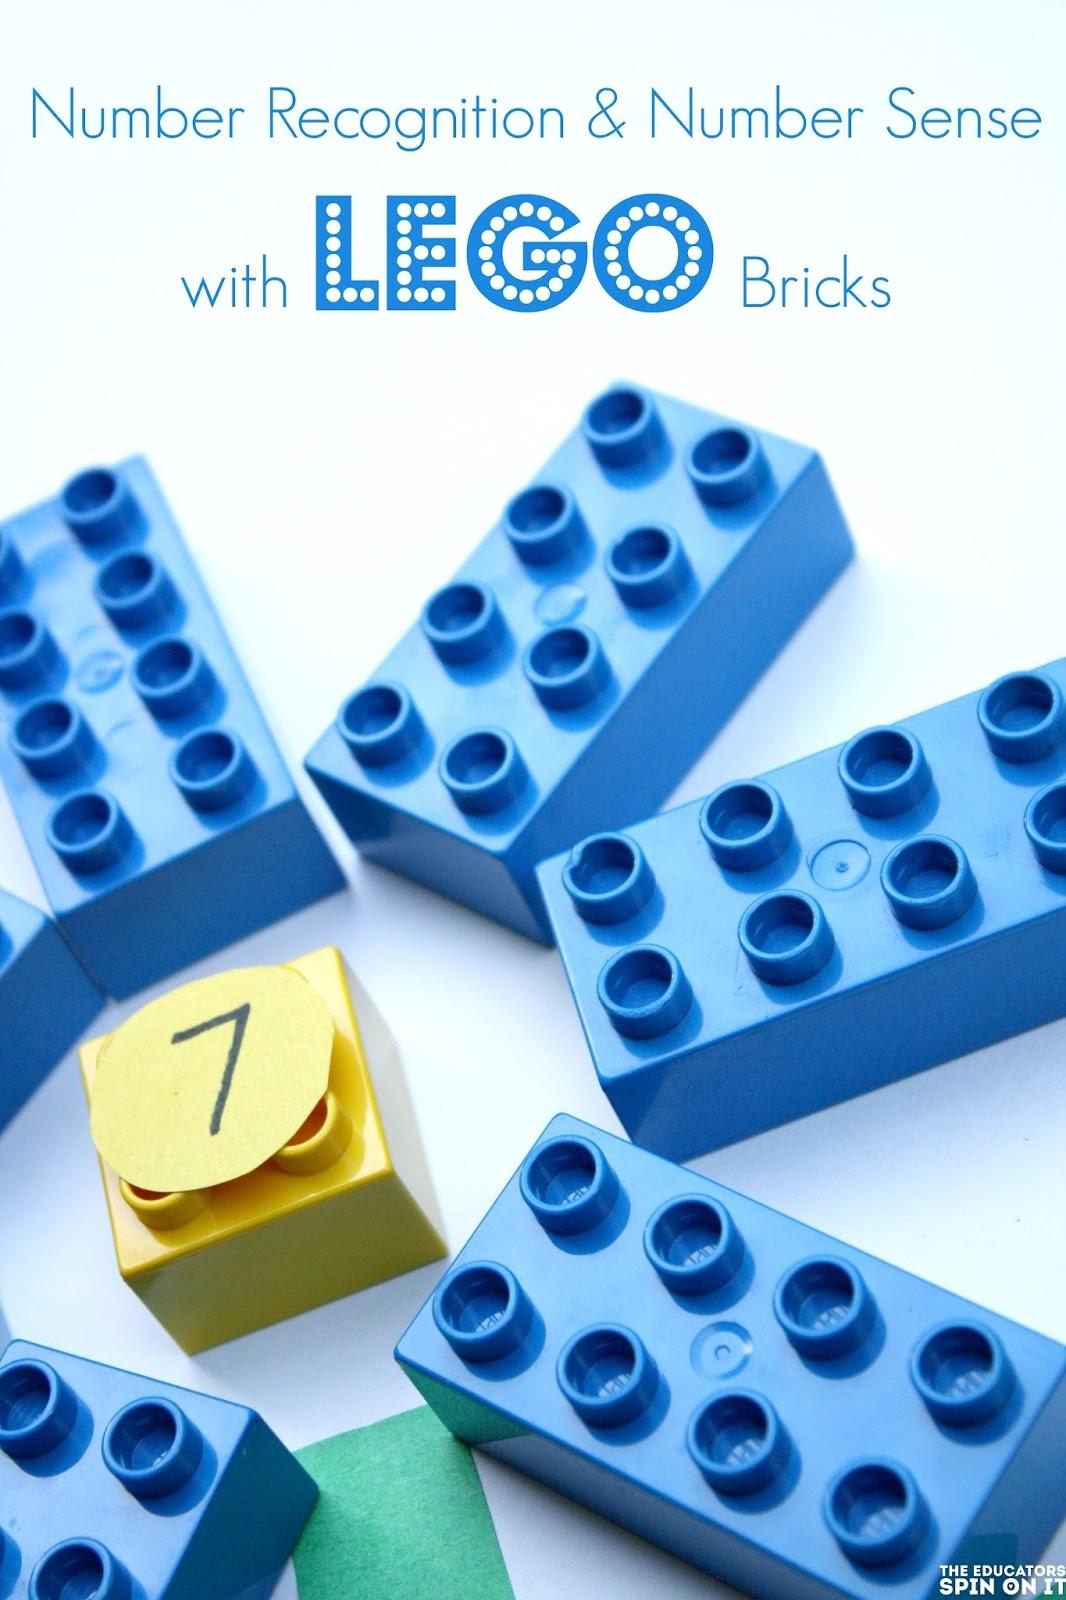 LEGO math garden